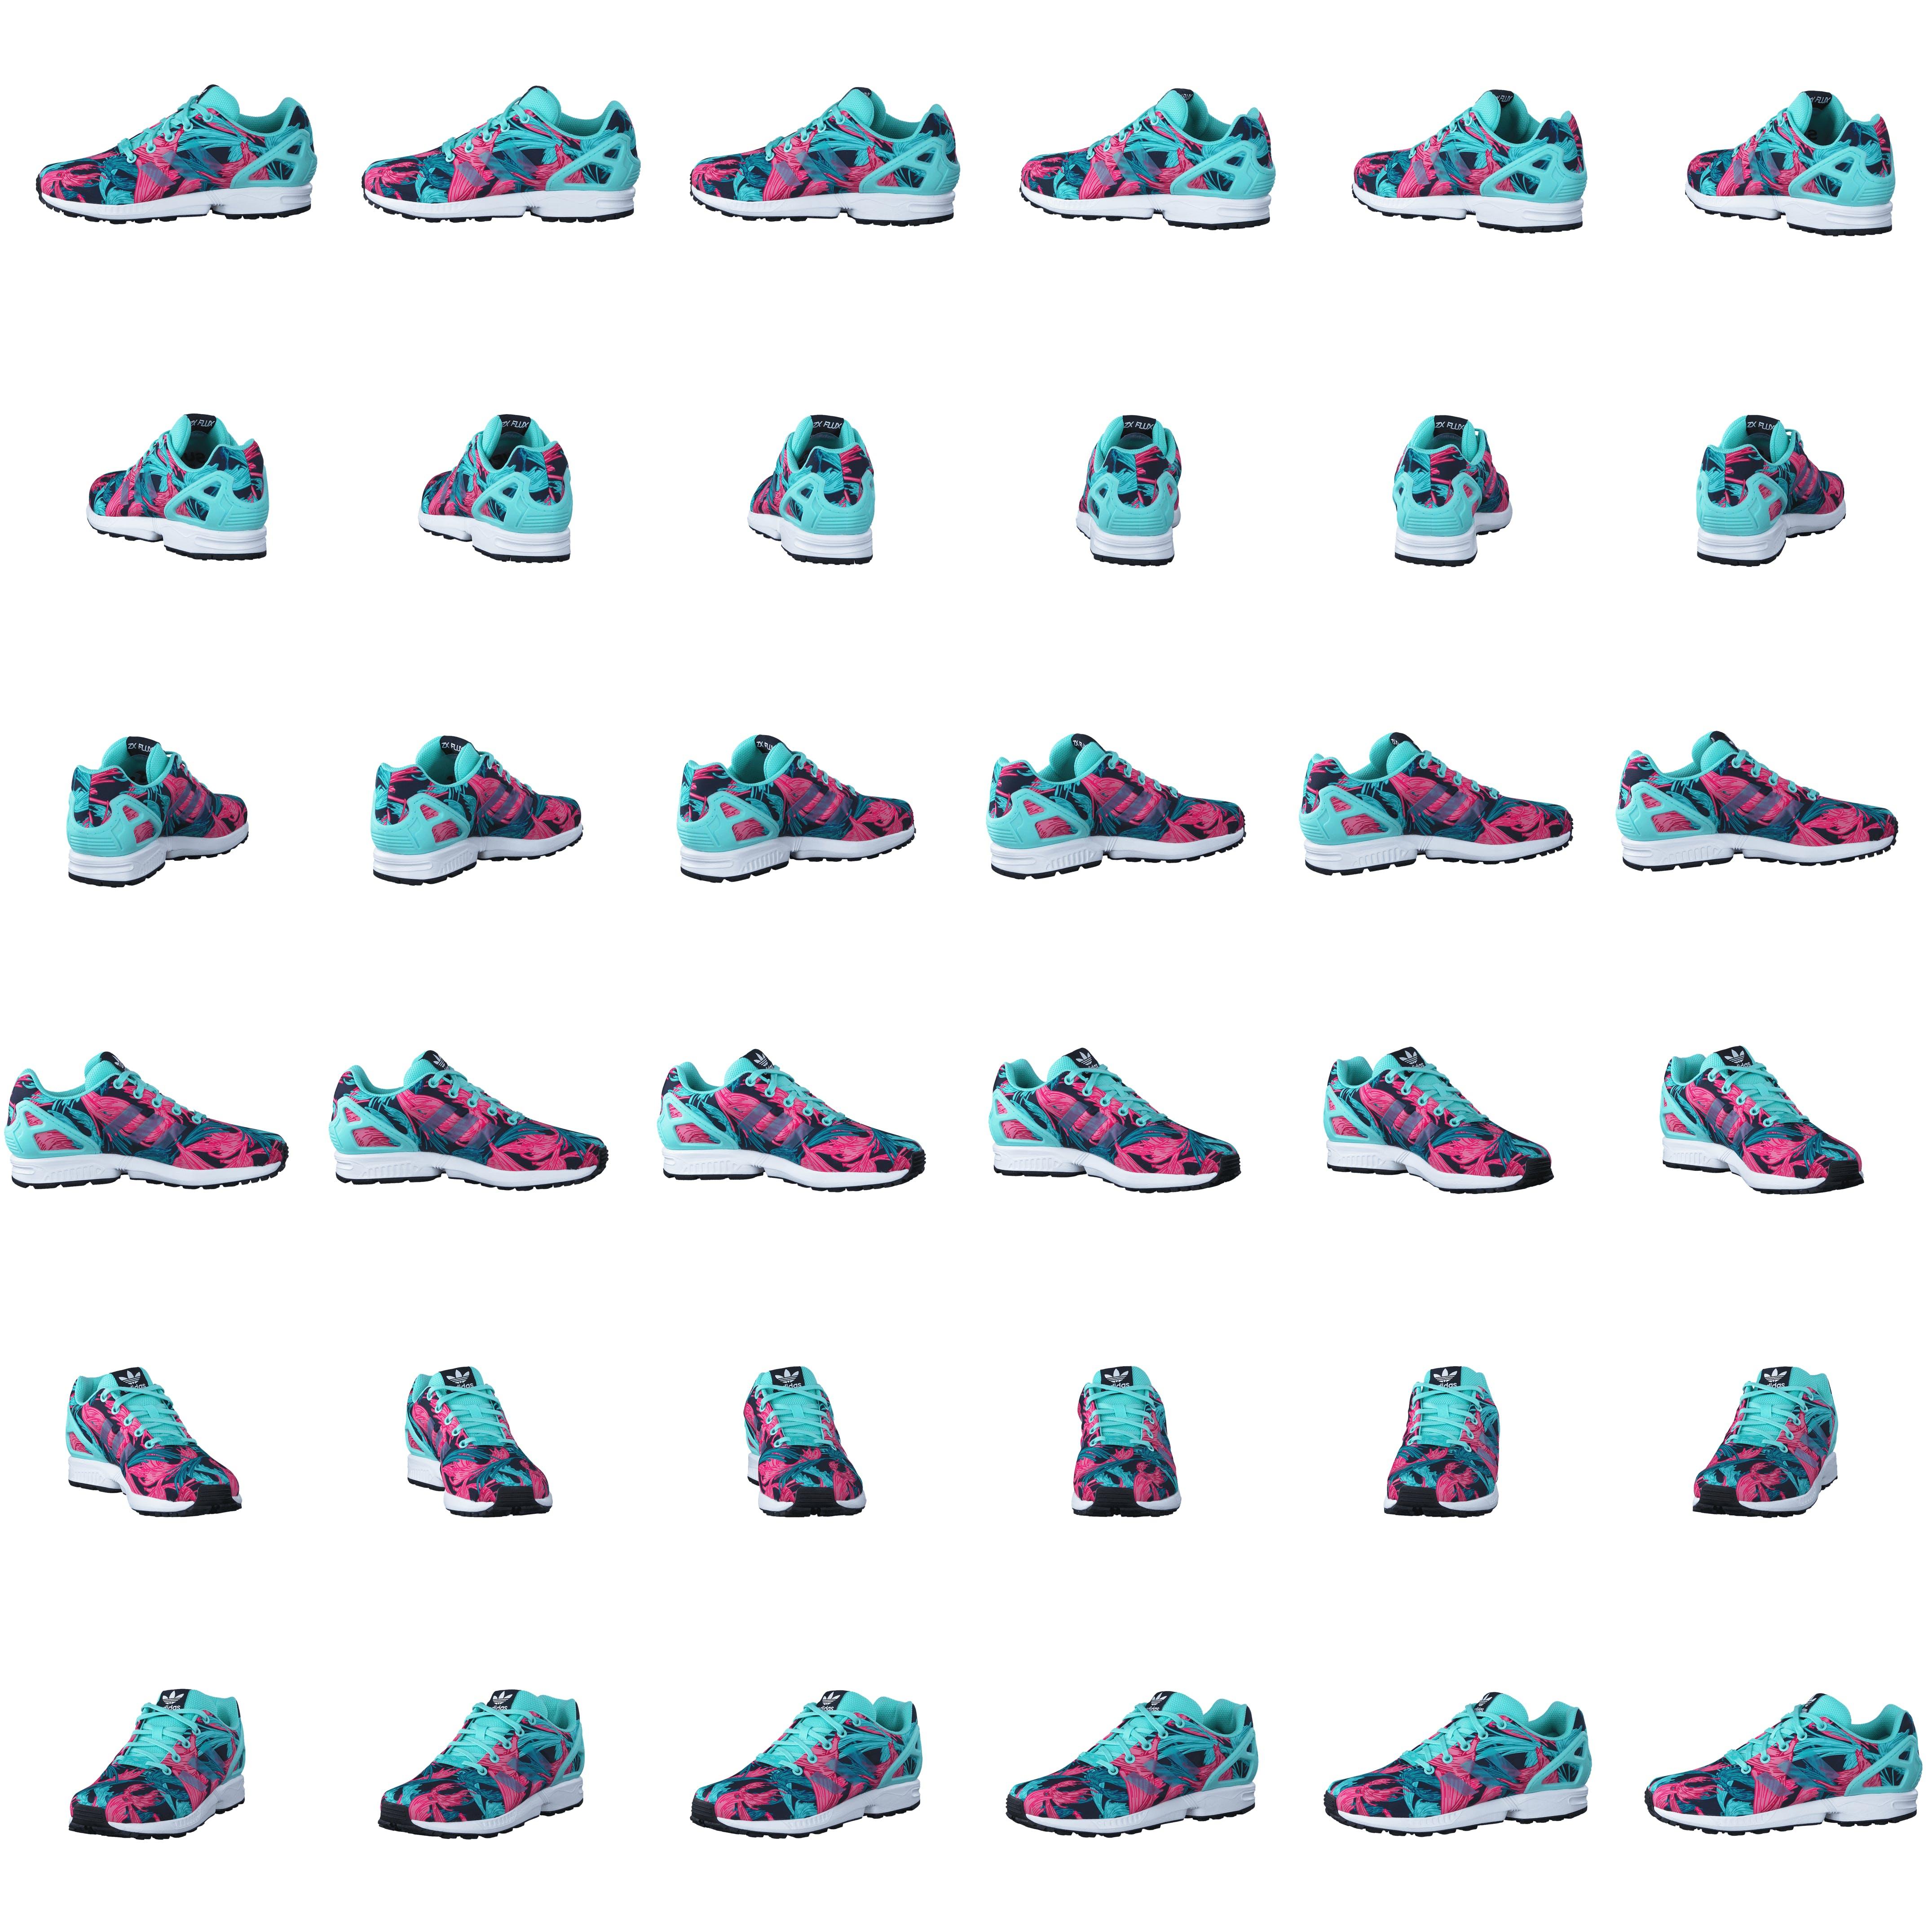 the best attitude 10d50 57ea7 Buy adidas Originals Zx Flux J Energy Aqua F17Energy Aqua F1 turquoise  Shoes Online  FOOTWAY.co.uk